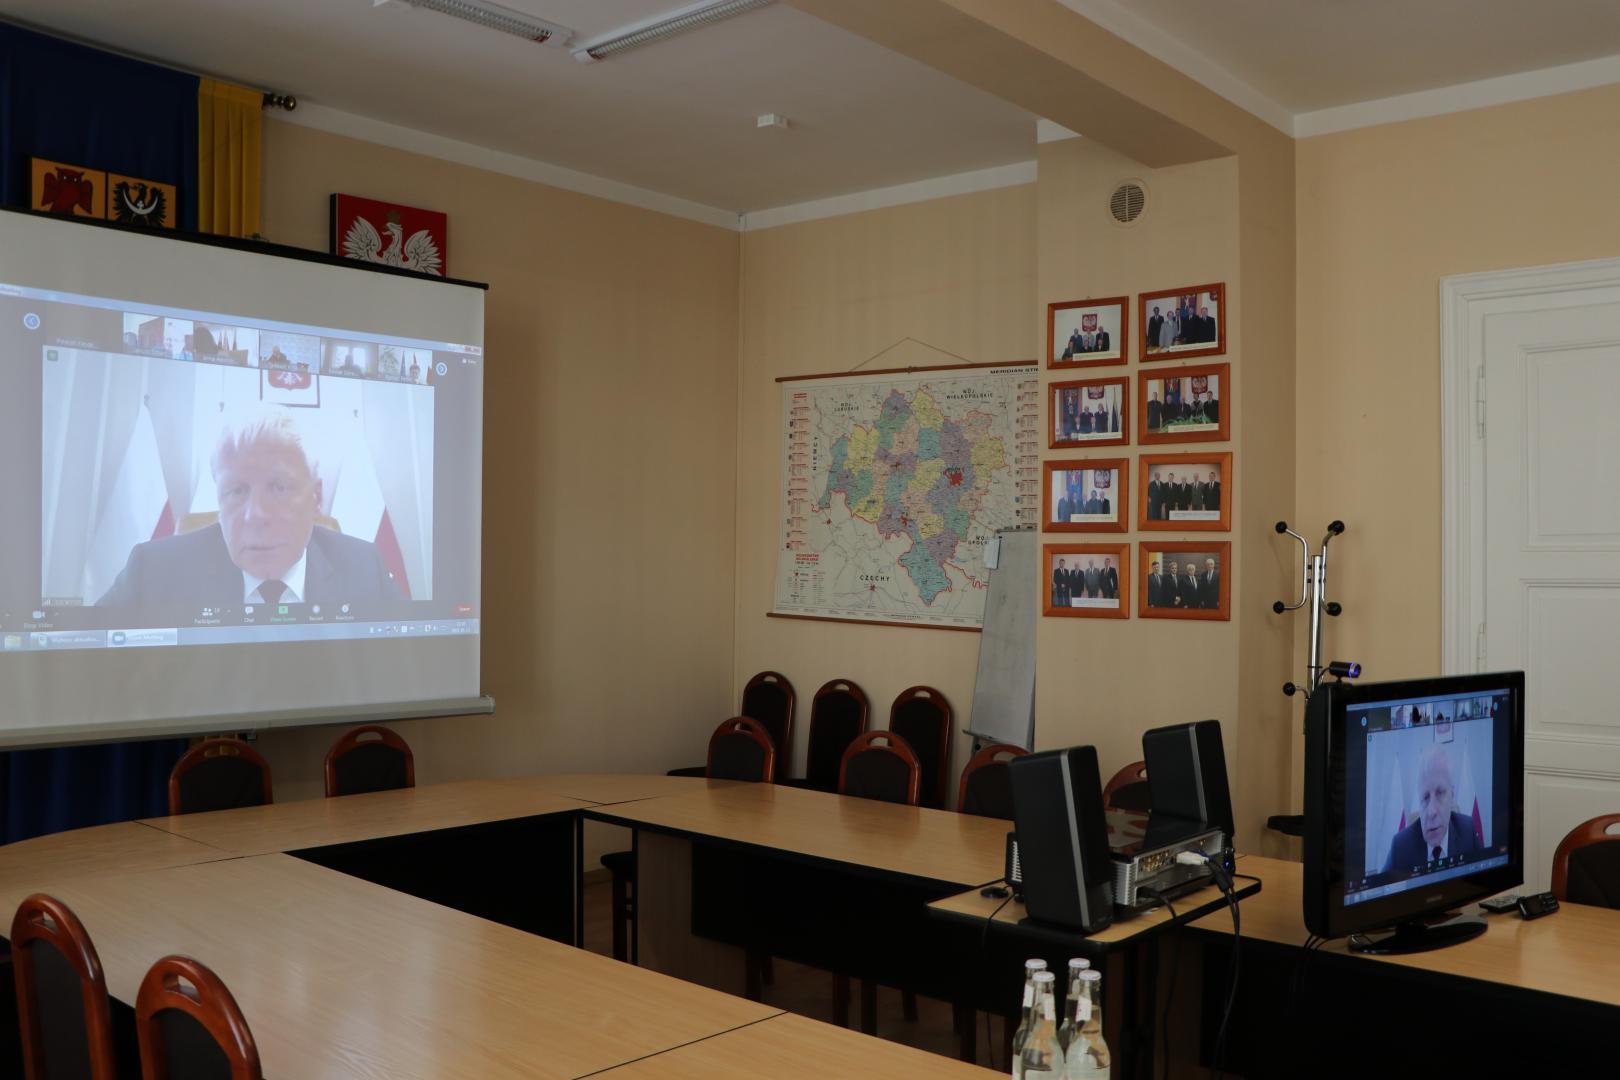 Na zdjęciu sala obrad starostwa. Na stole ułożonym w literę U w prawej części zdjęcia telewizor wyświetlający rozmówcę. Po lewej stronie ten sam obraz wyświetlony na ekranie z rzutnika stojącego obok telewizora. nad ekranem godło, herb i flaga powiatu.